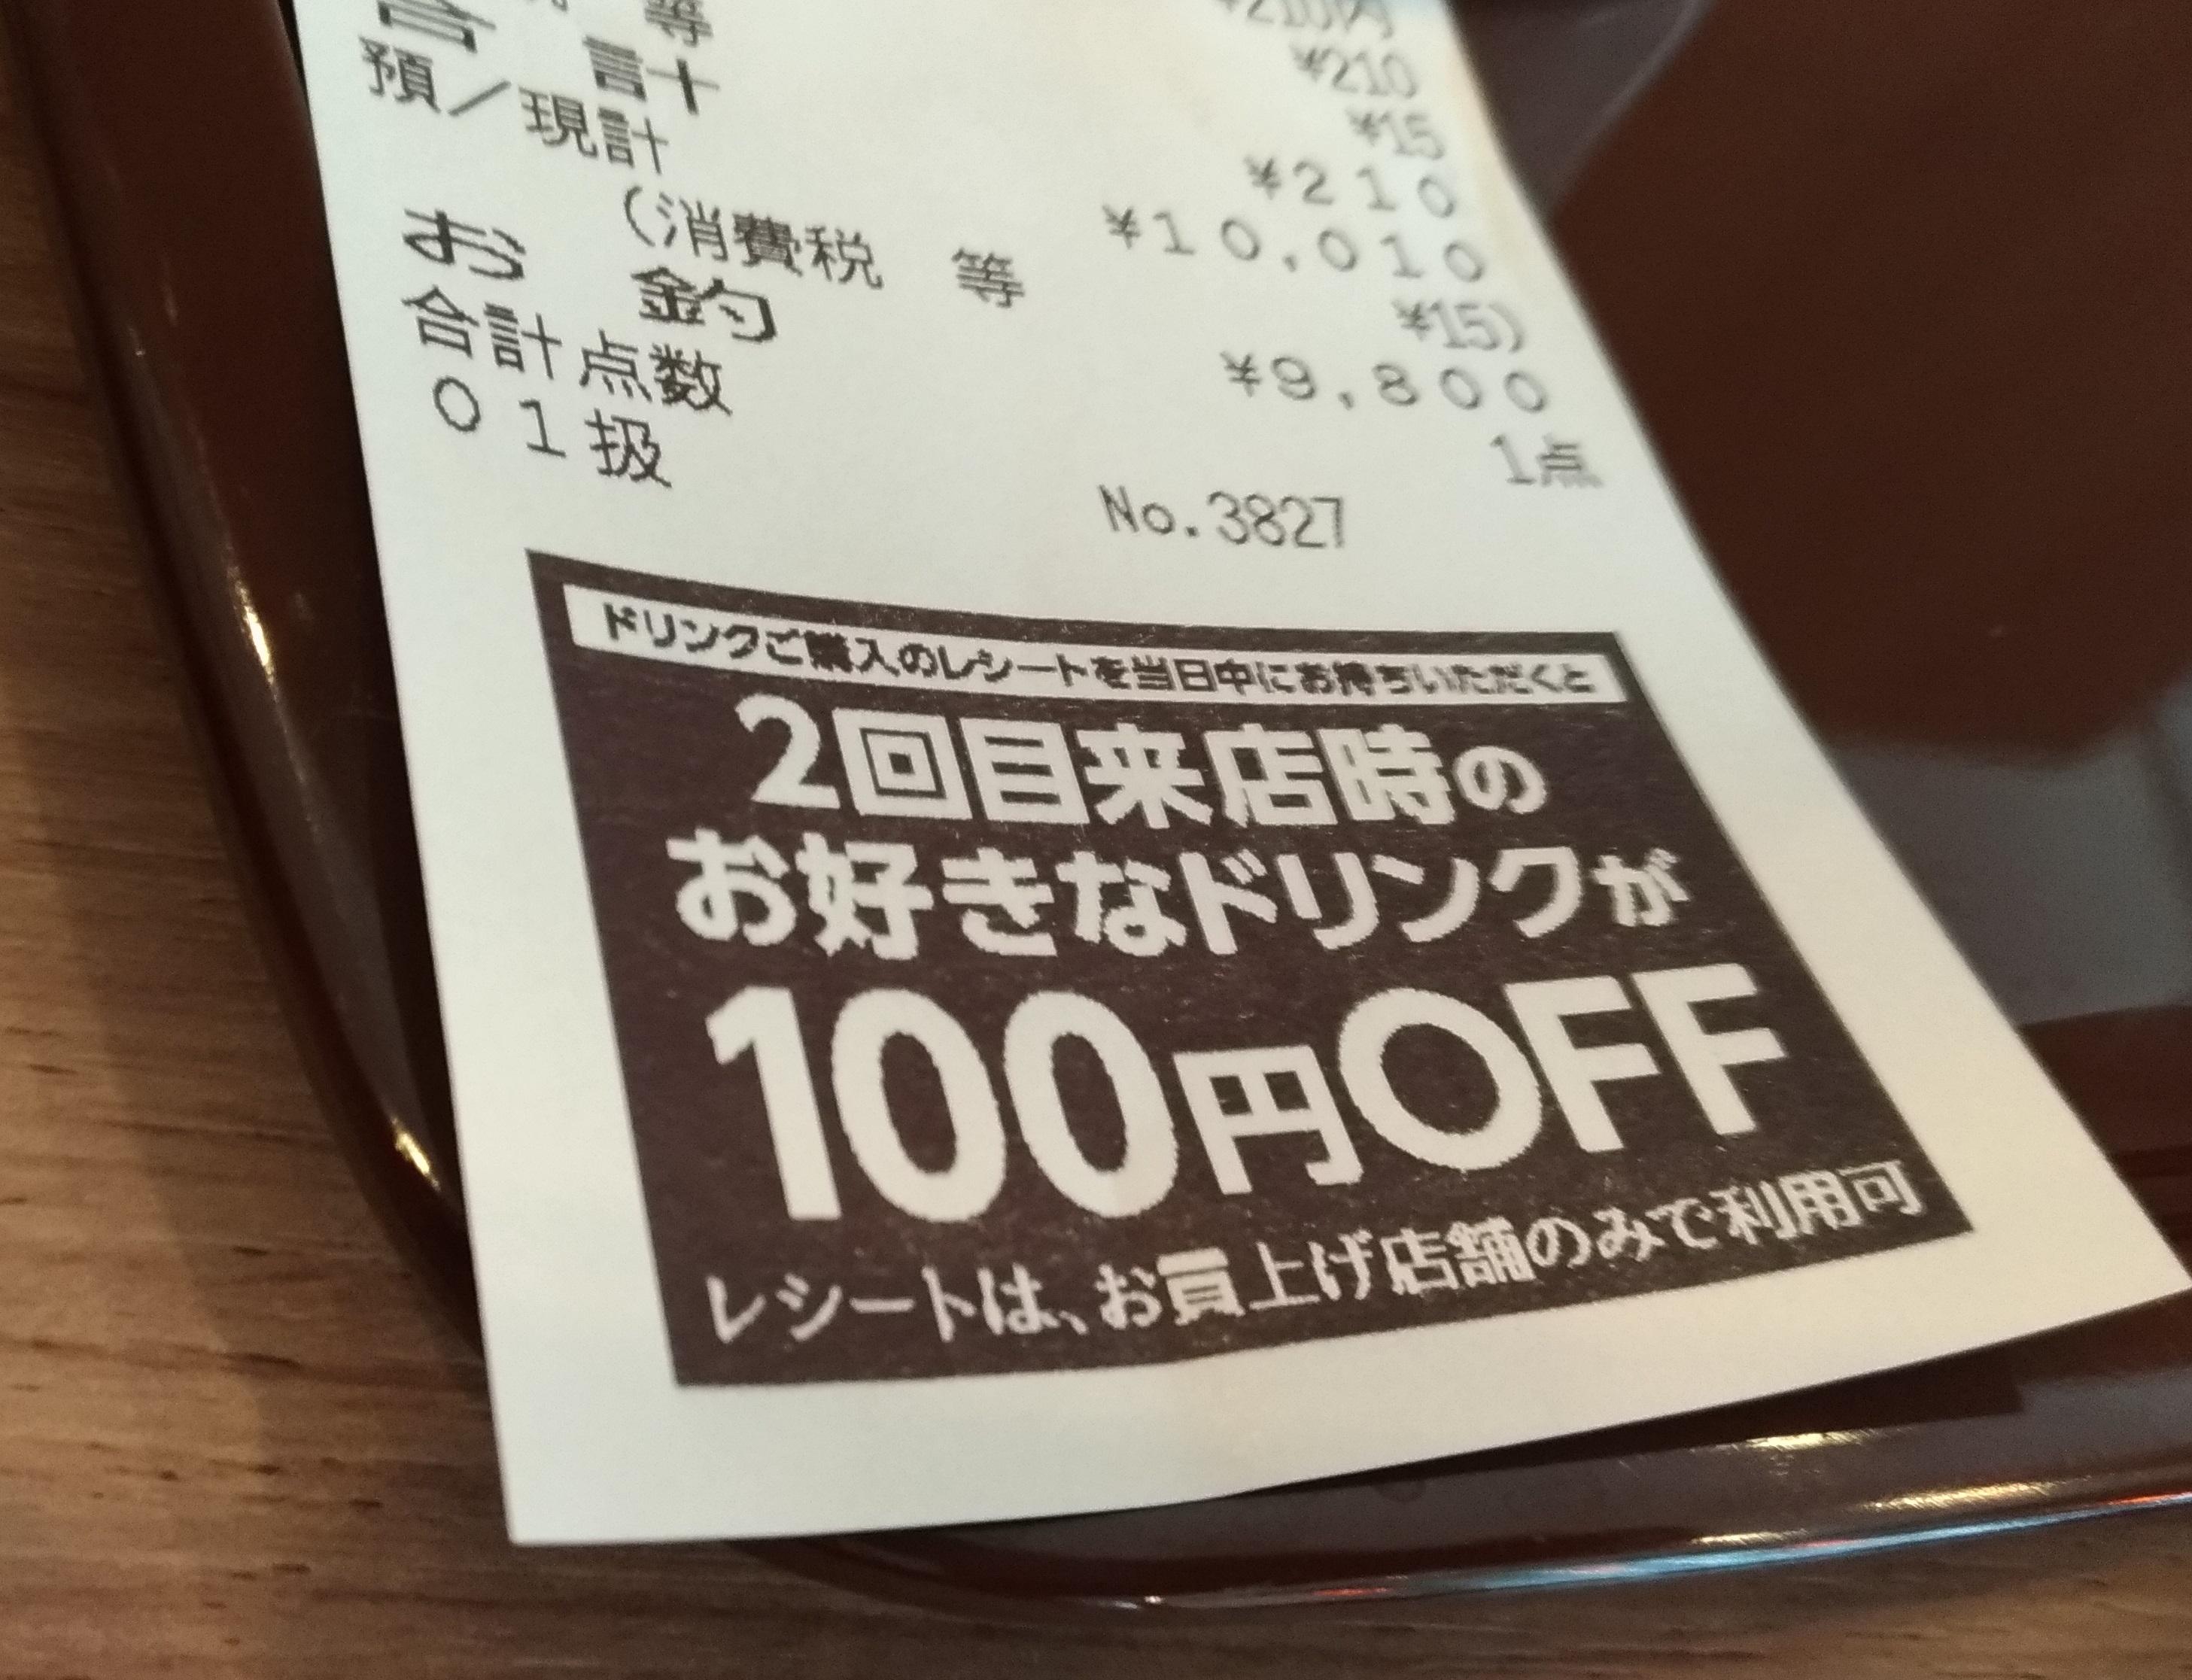 cafe_otoku_100enoff_osaka.jpg